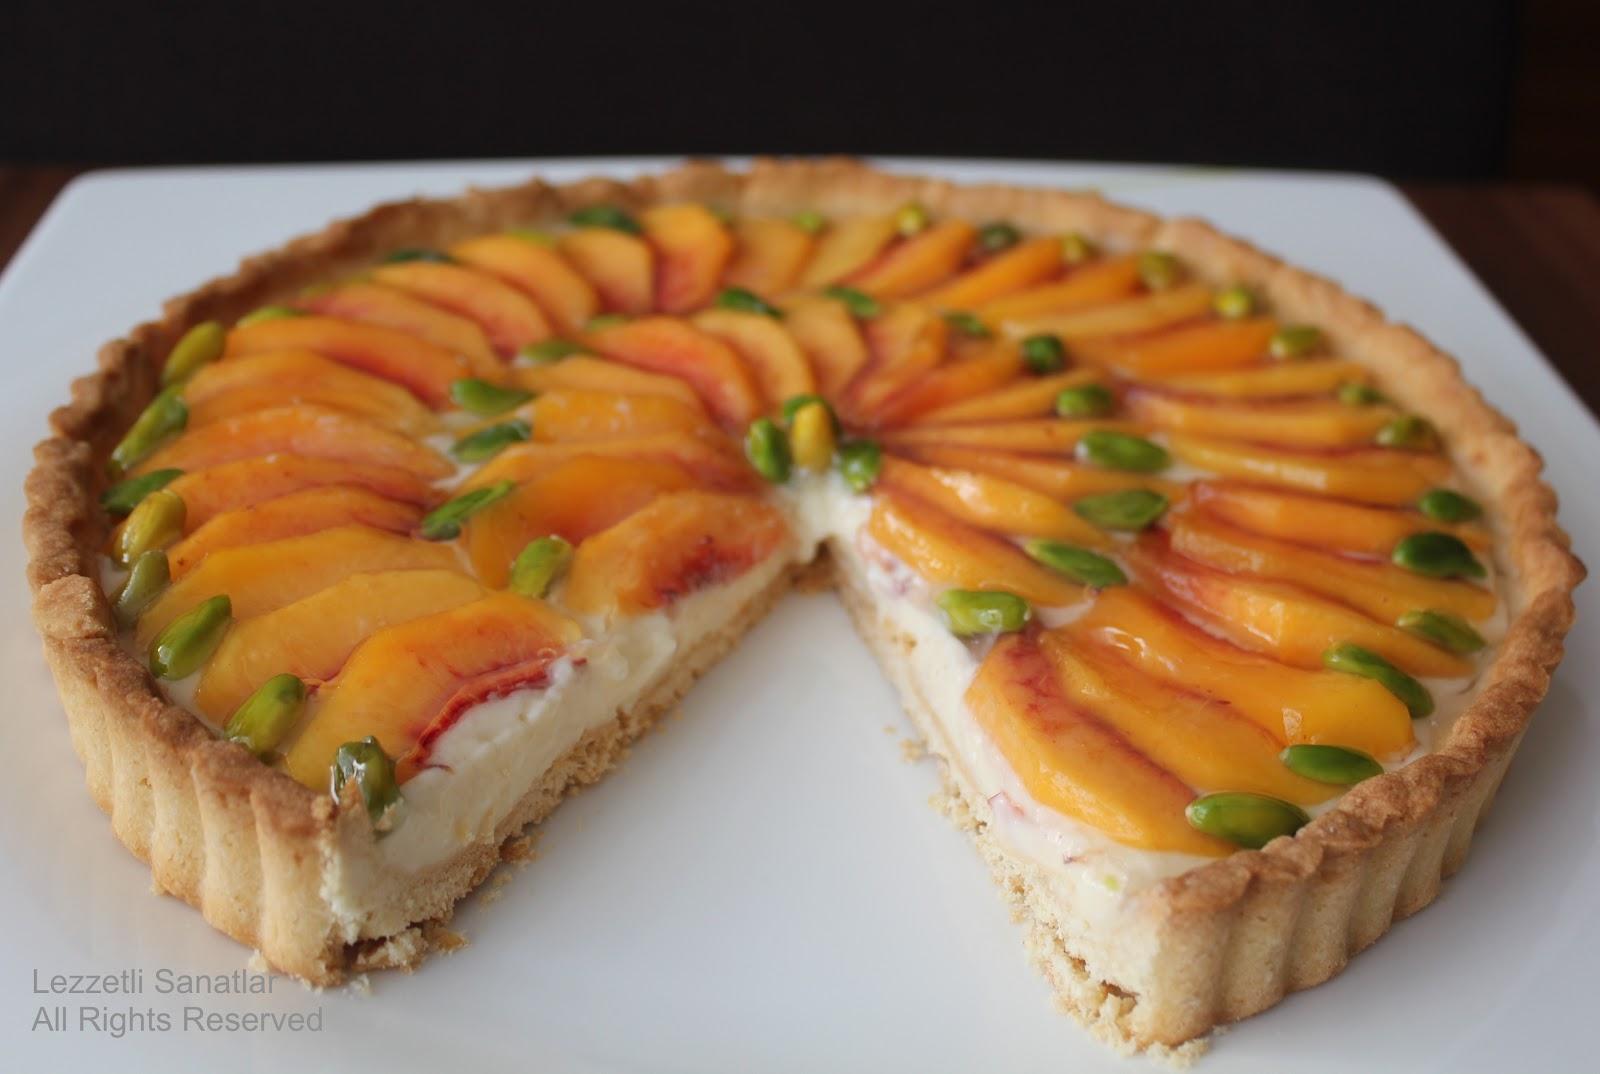 Şeftalili Trifle